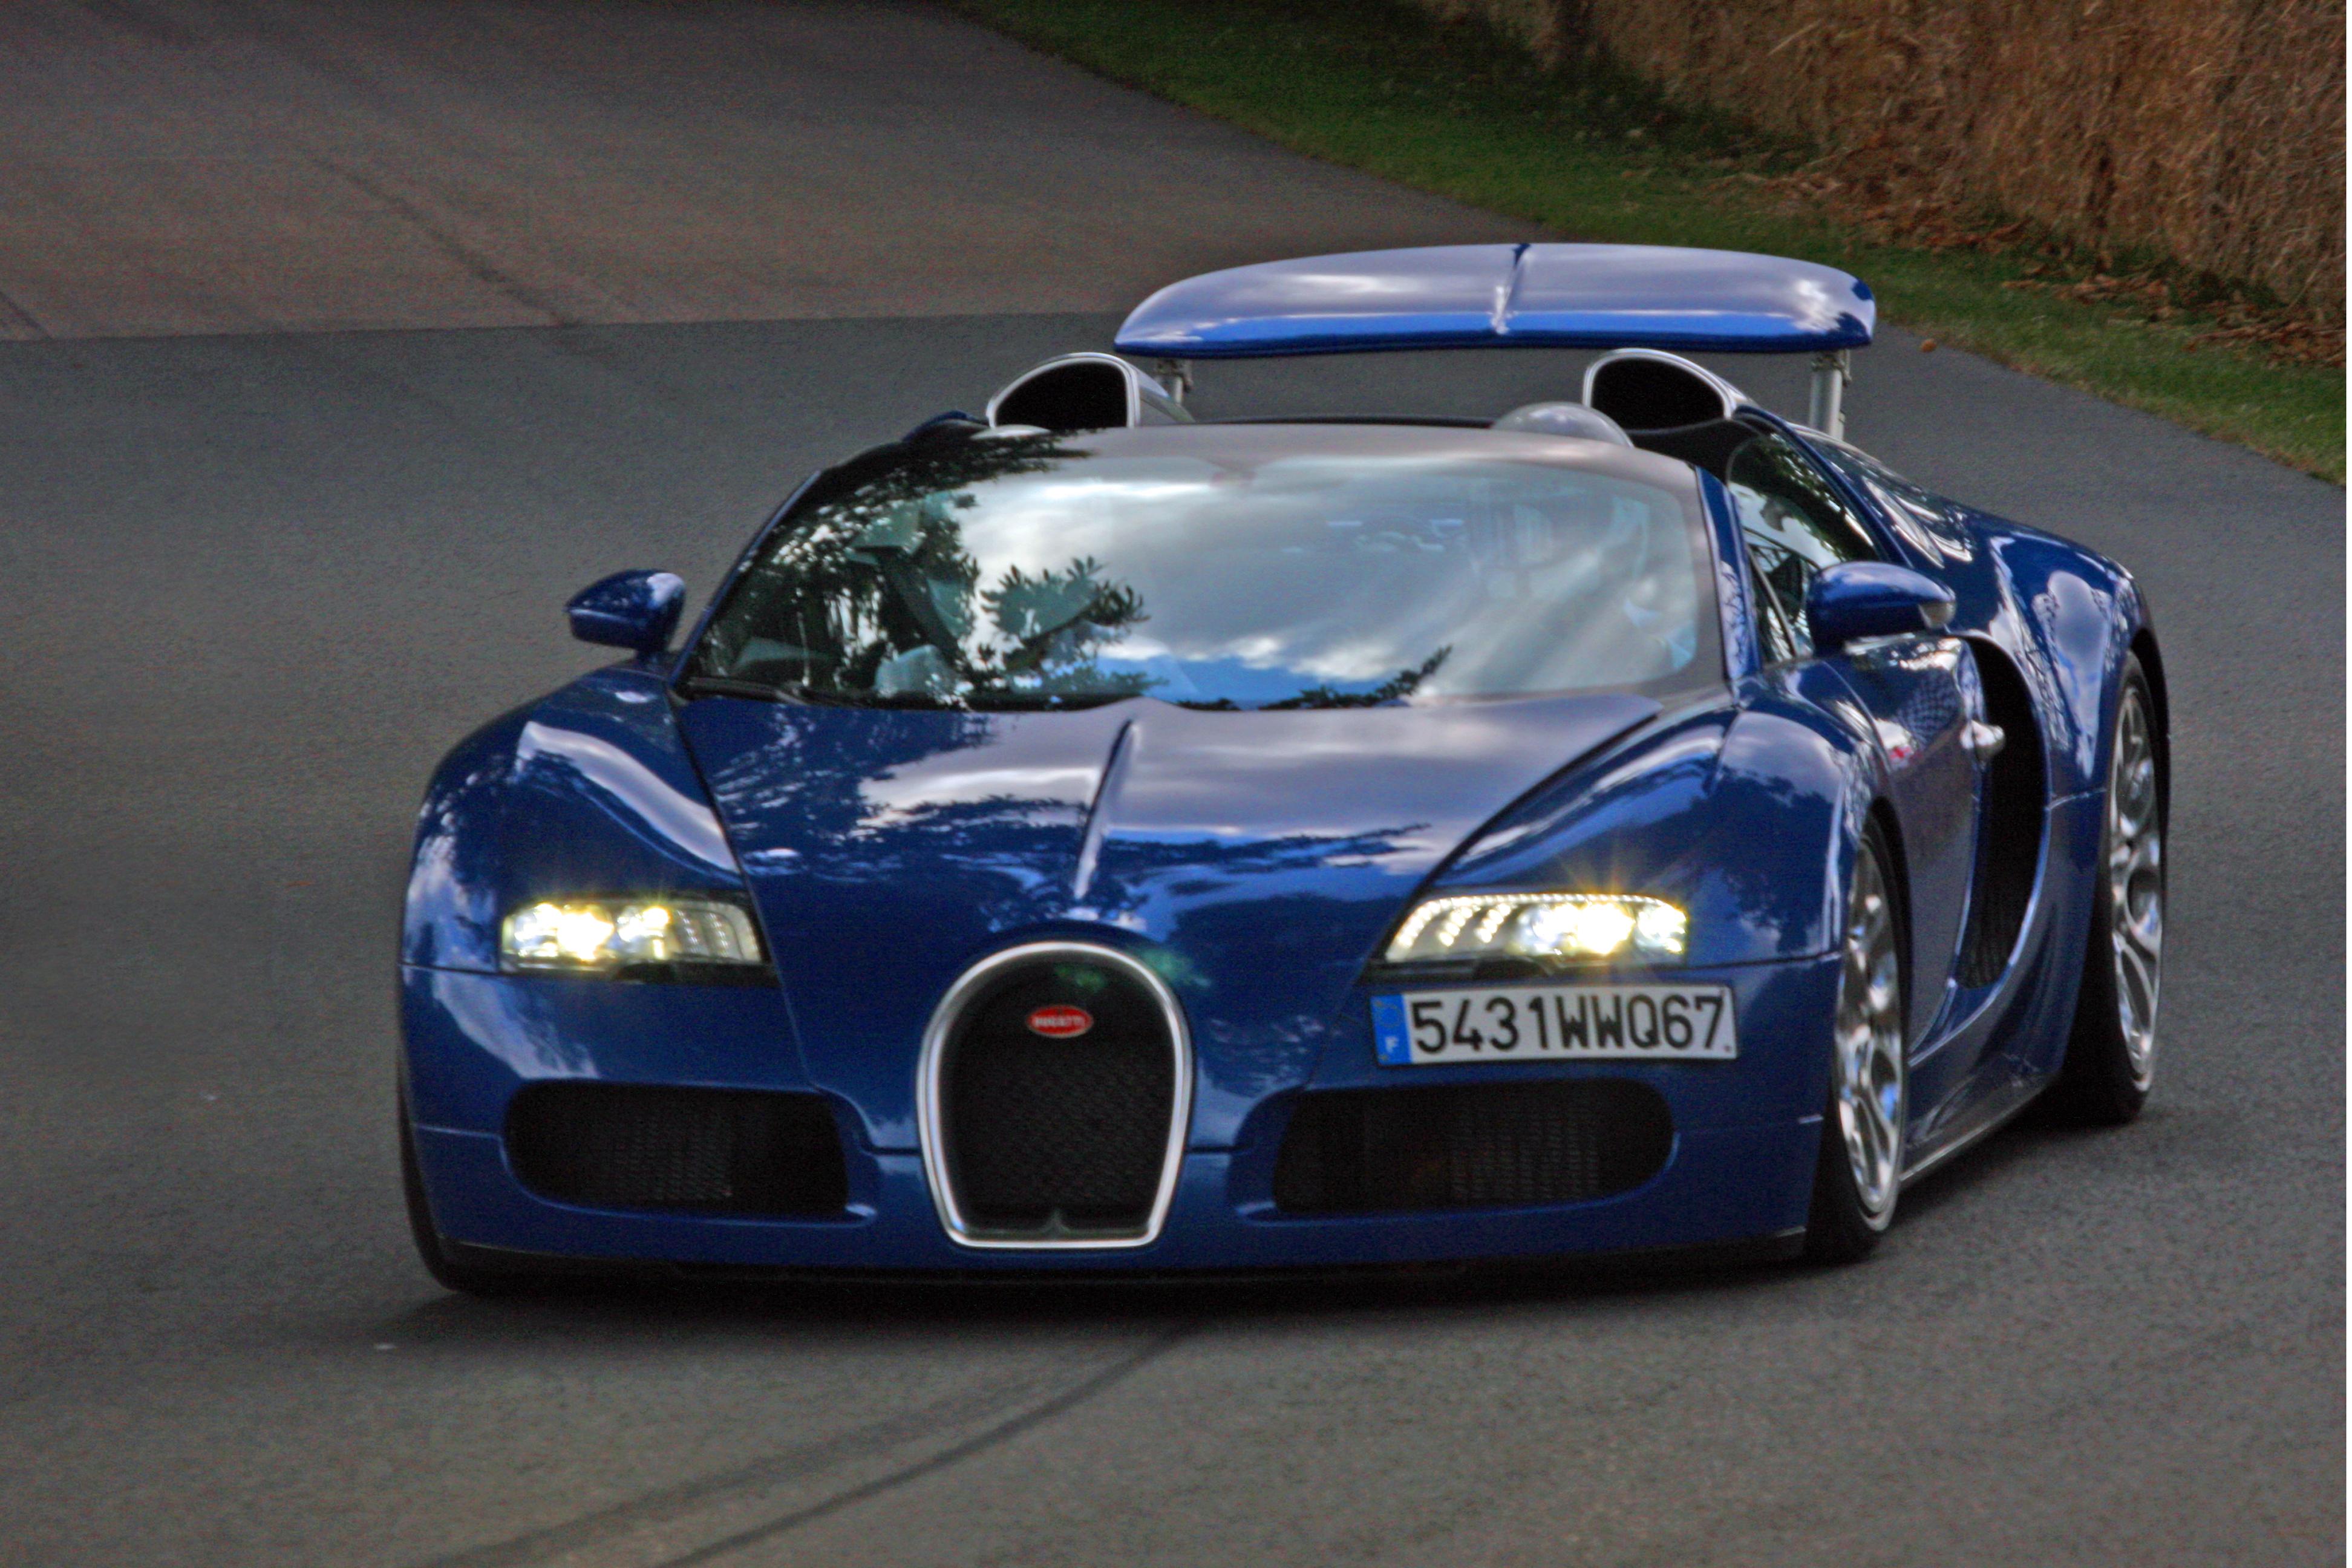 フリー画像 自動車 スポーツカー スーパーカー ブガッティ Bugatti ブガッティ